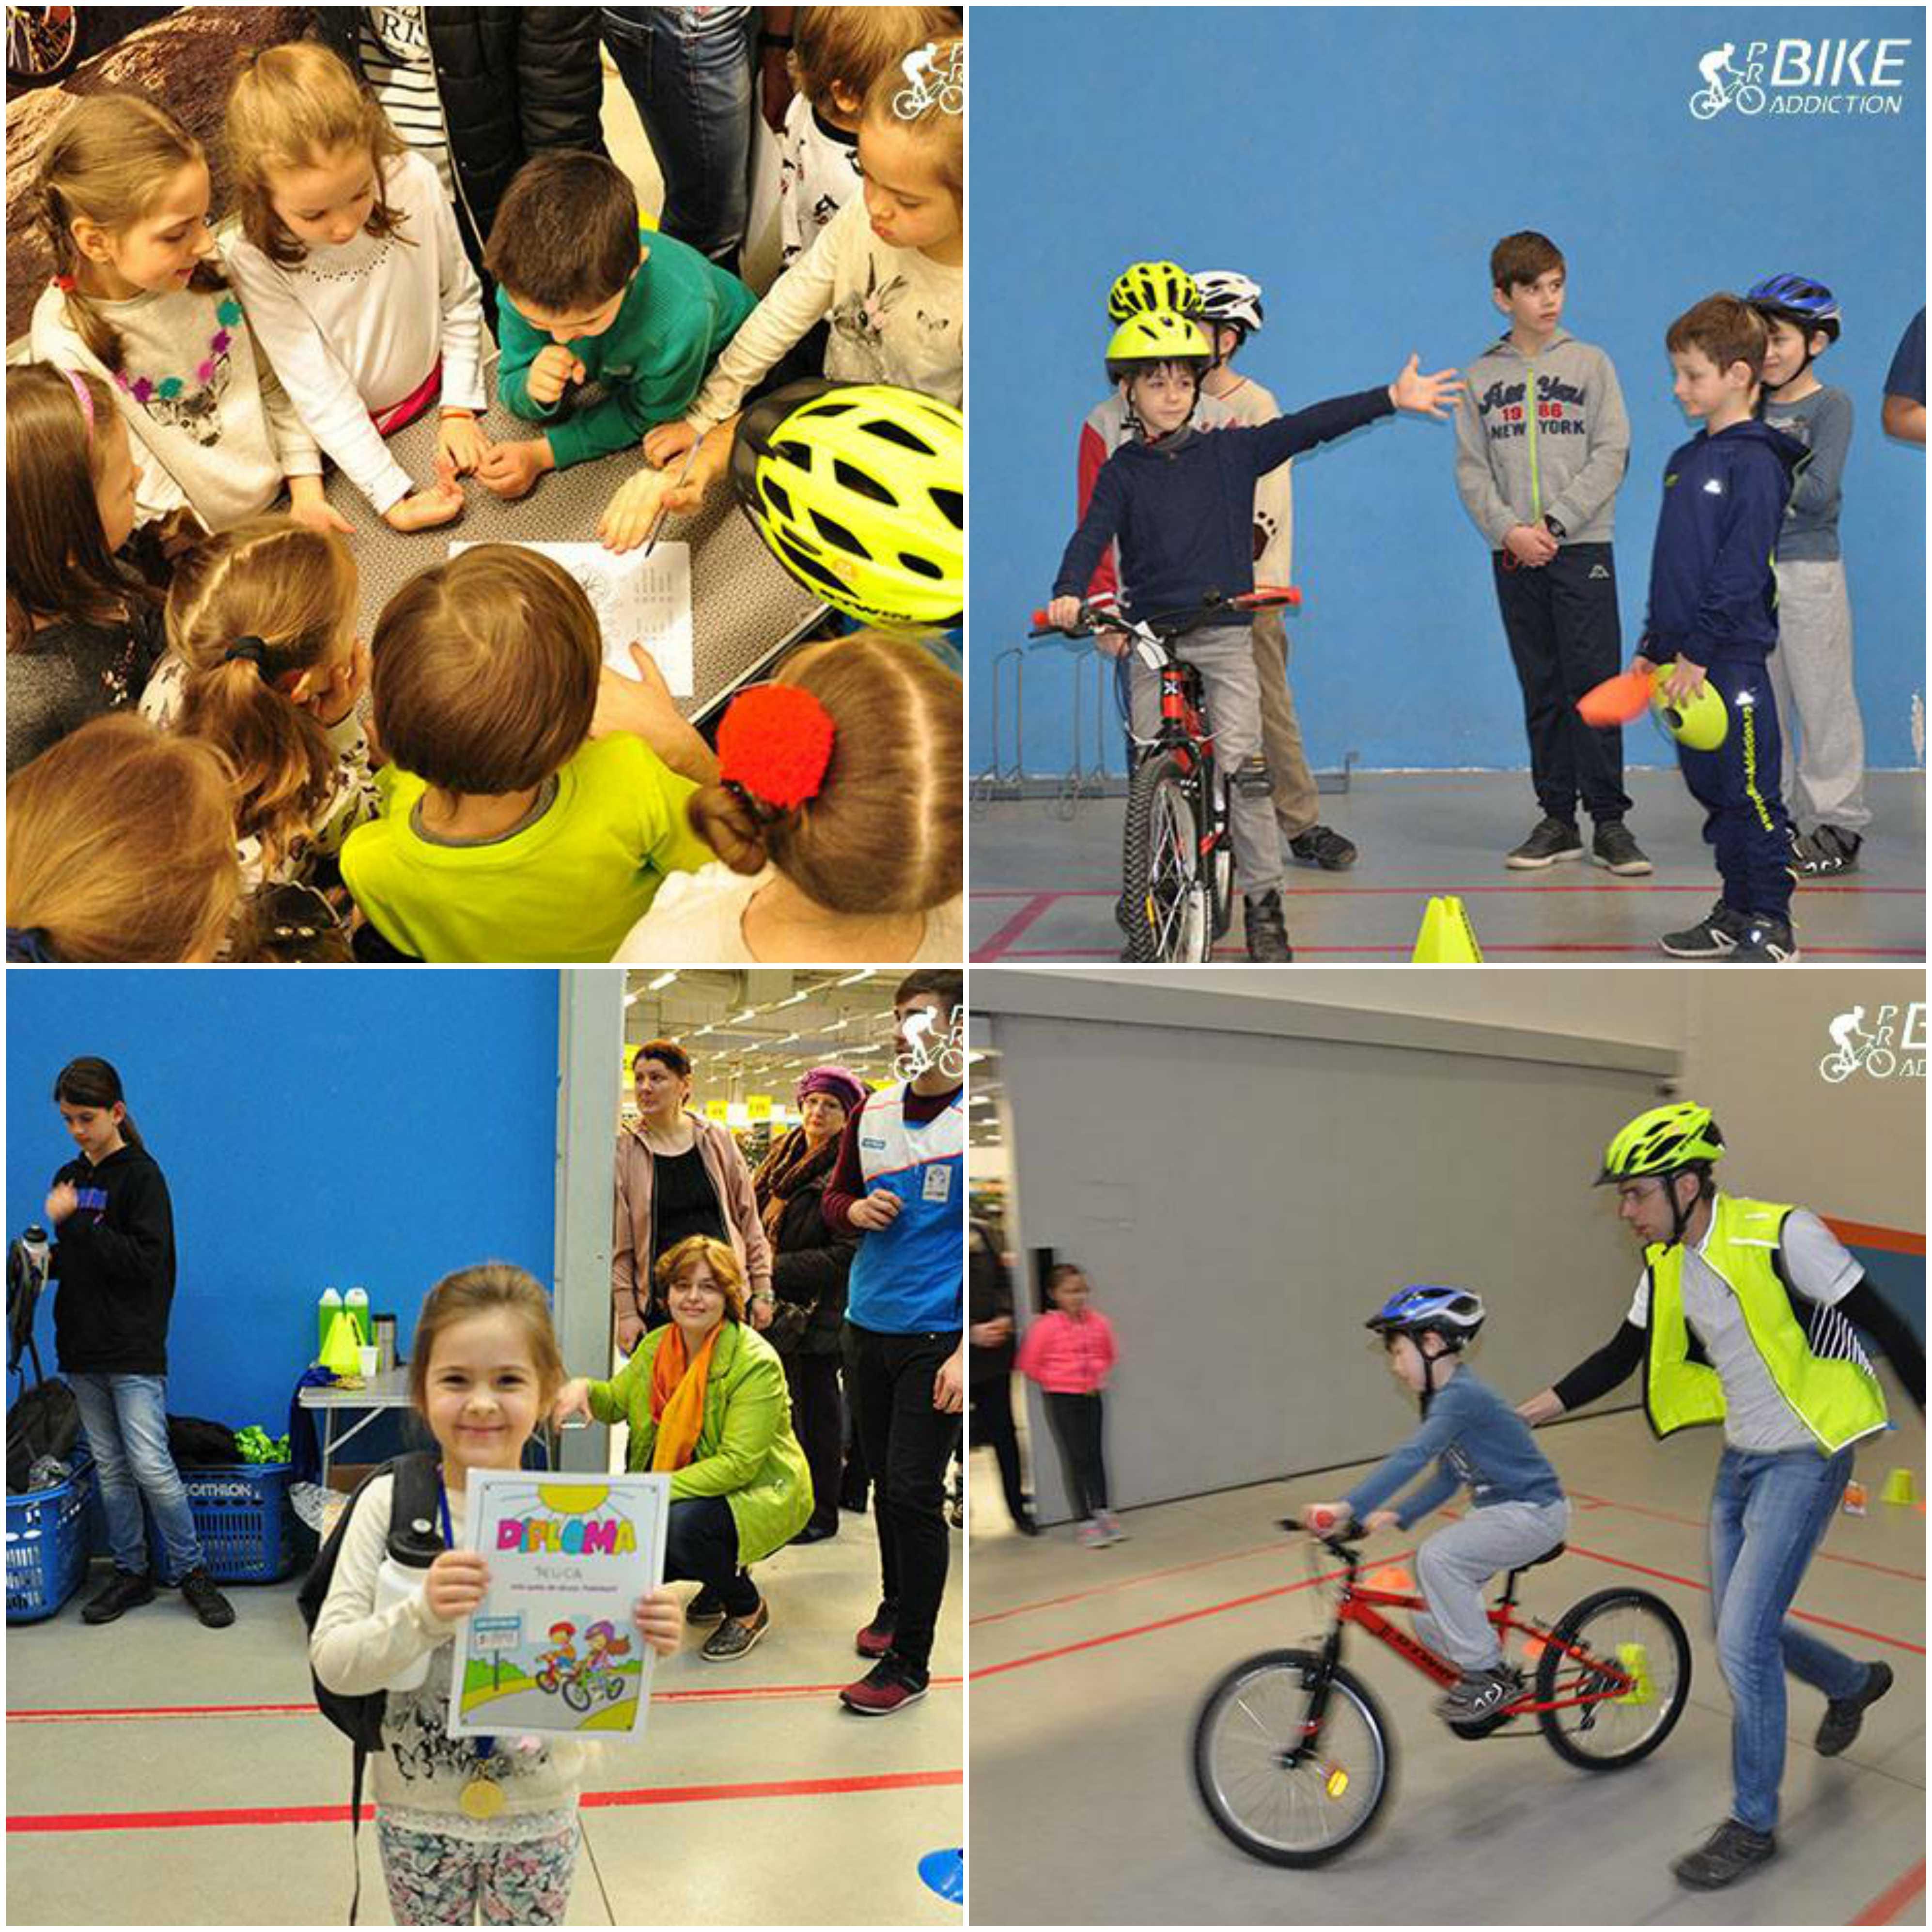 probikeaddiction iasi cursuri copii biciclete1